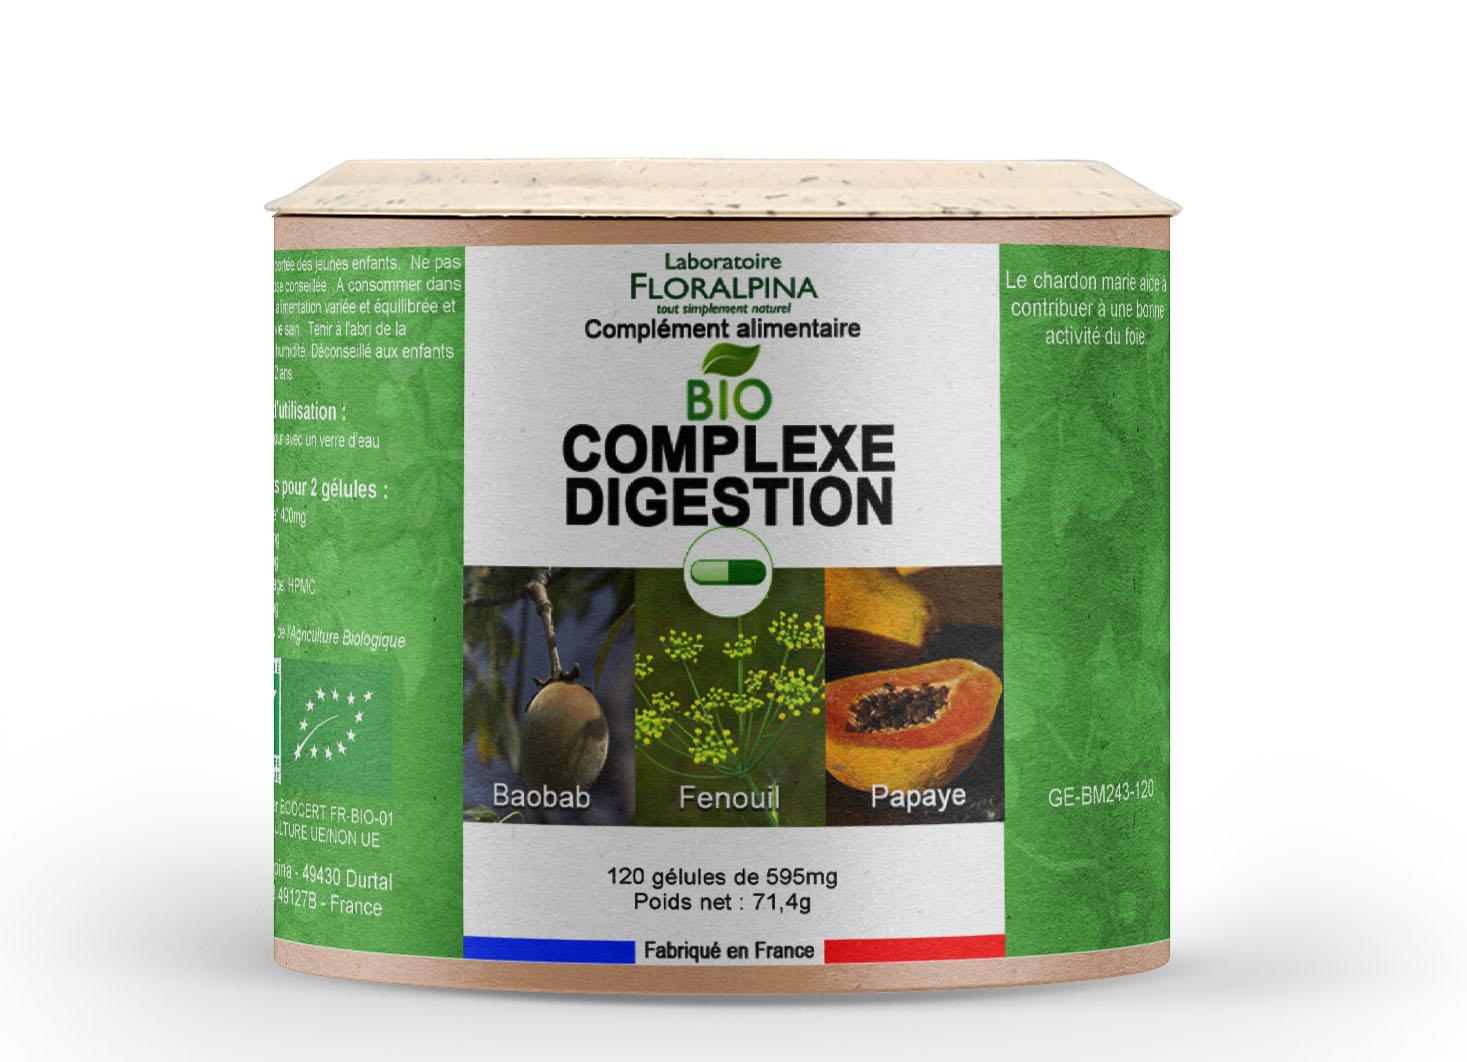 Complexe Digestion BIO 120 gélules